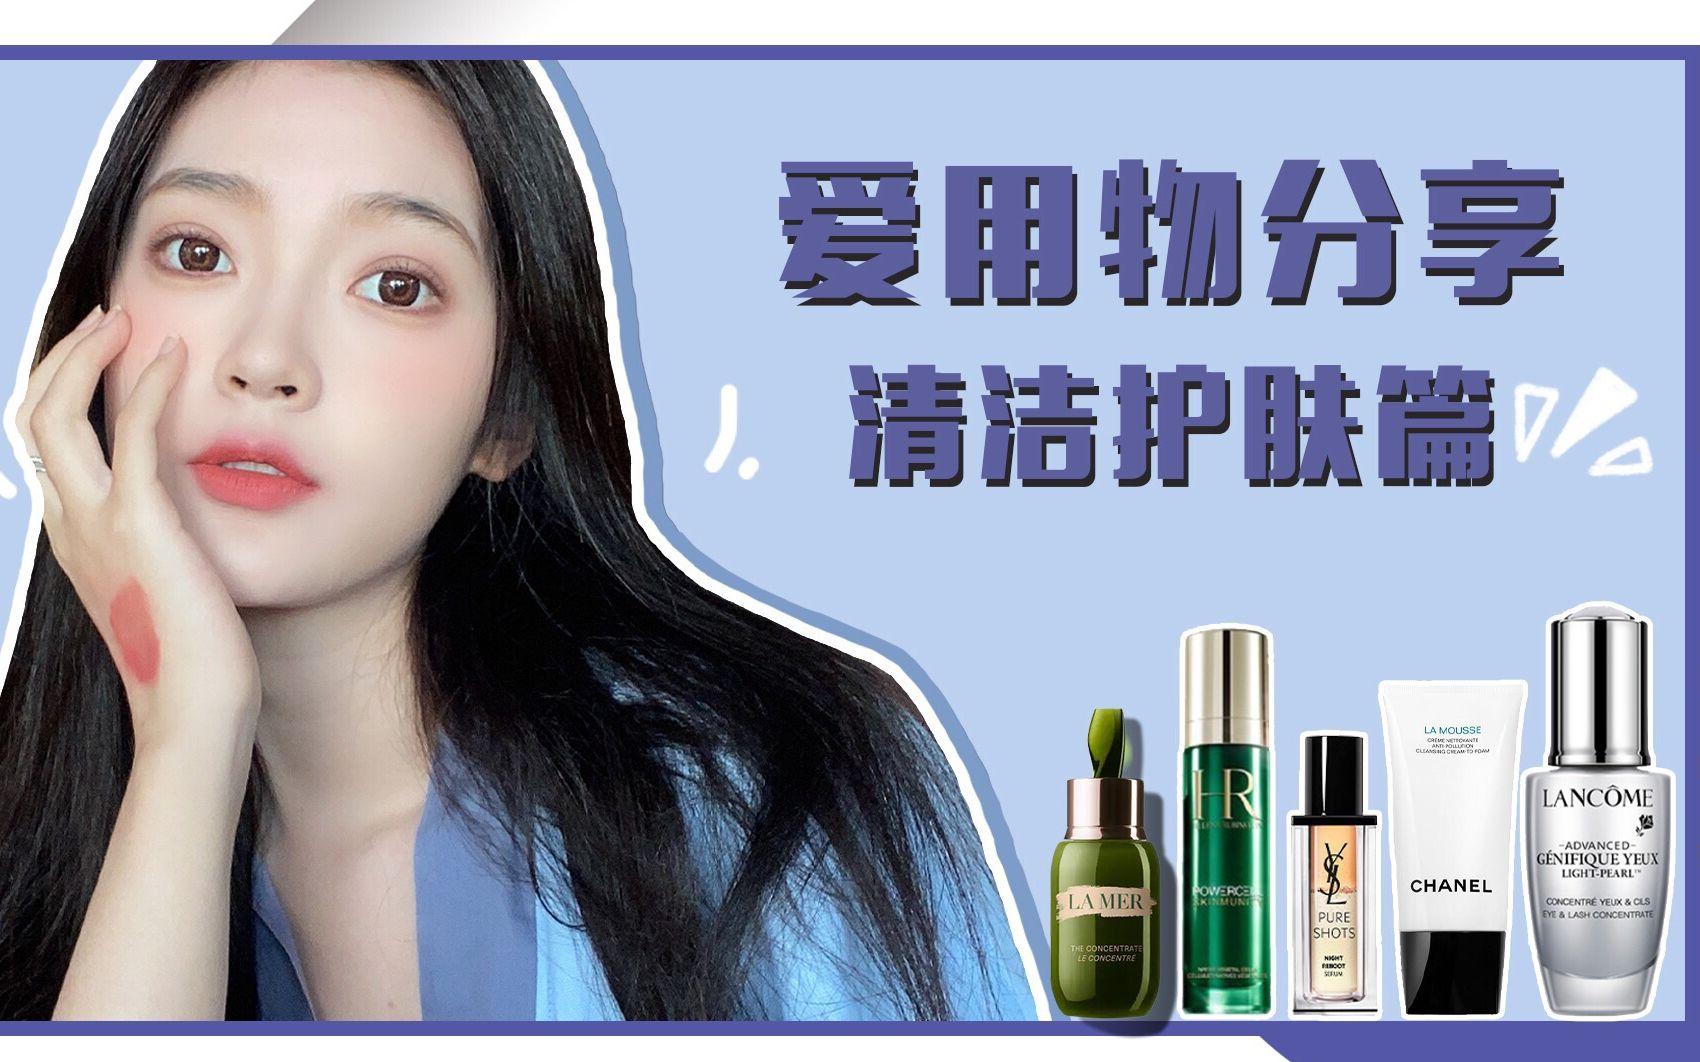 万年回购好物之护肤篇 从卸妆清洁到头发护理 应有尽有